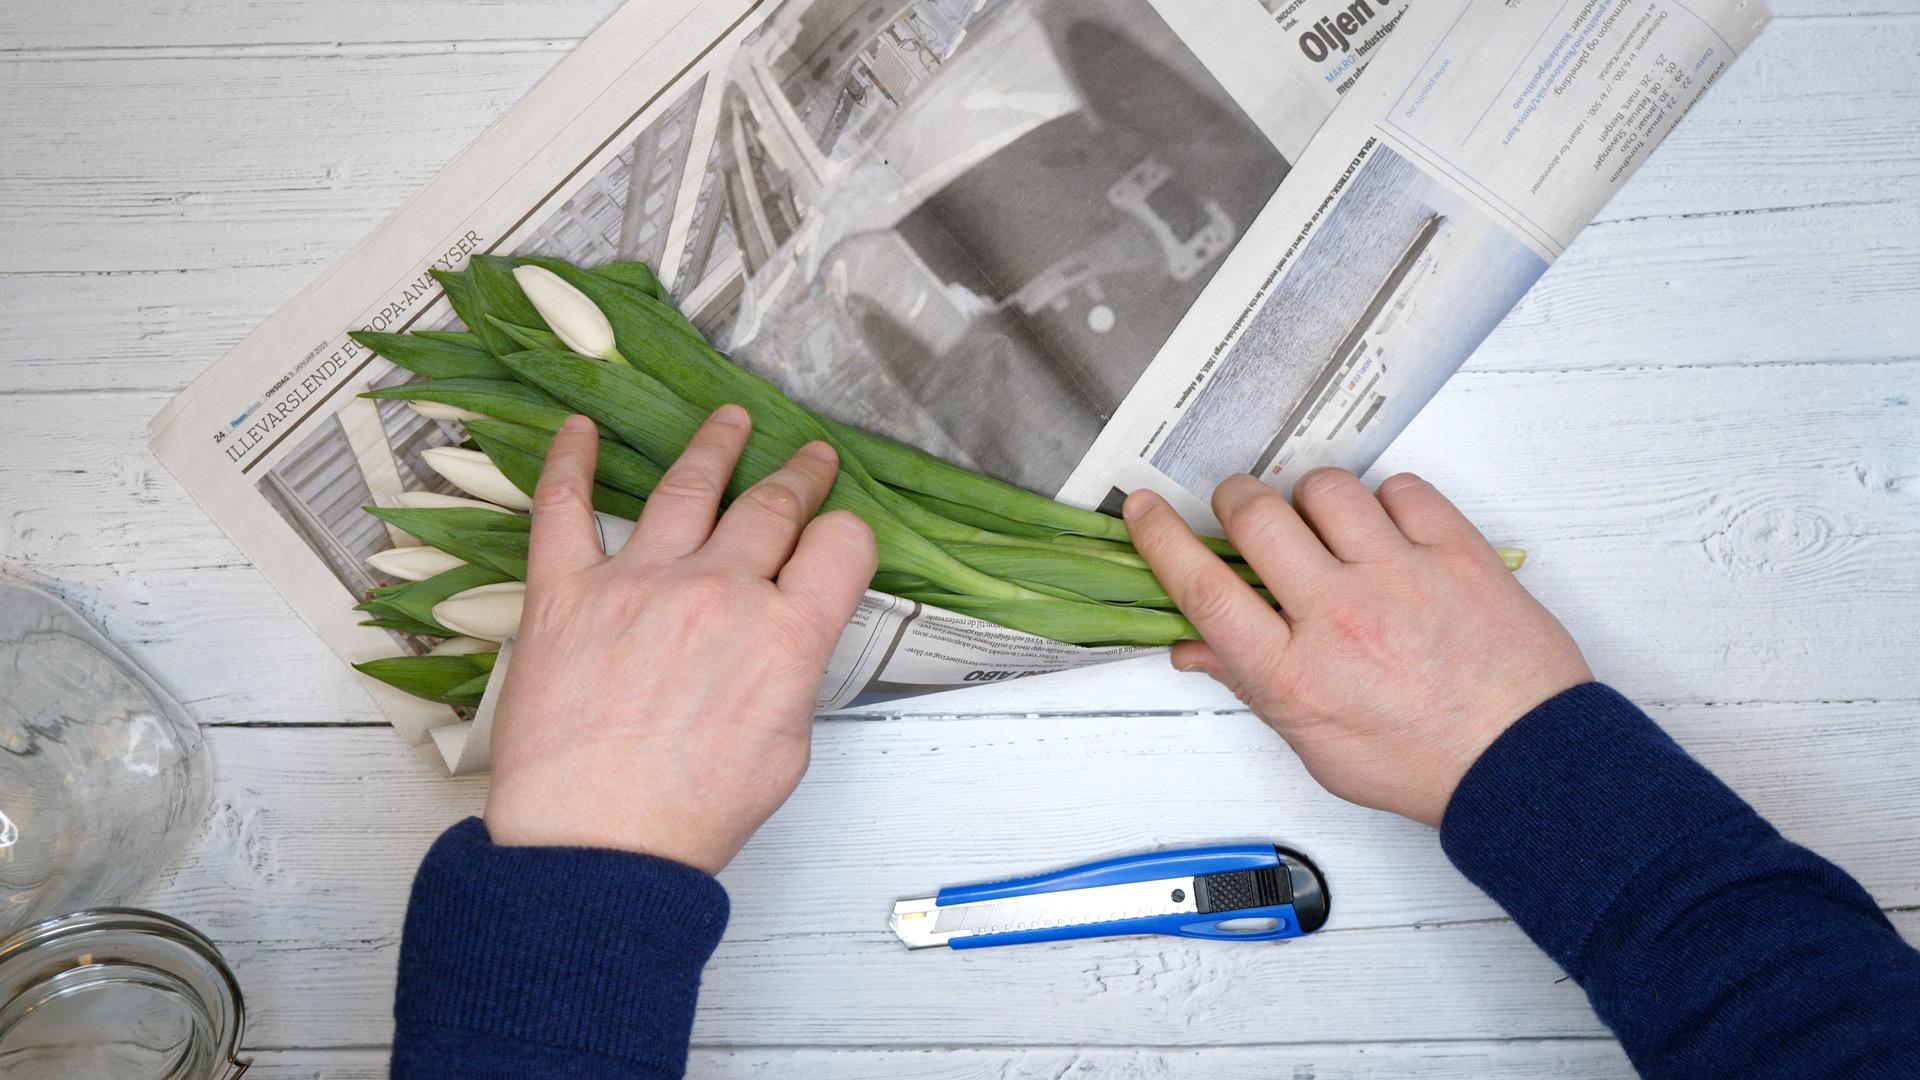 En bukett tulipaner blir pakket inn i avispapir.